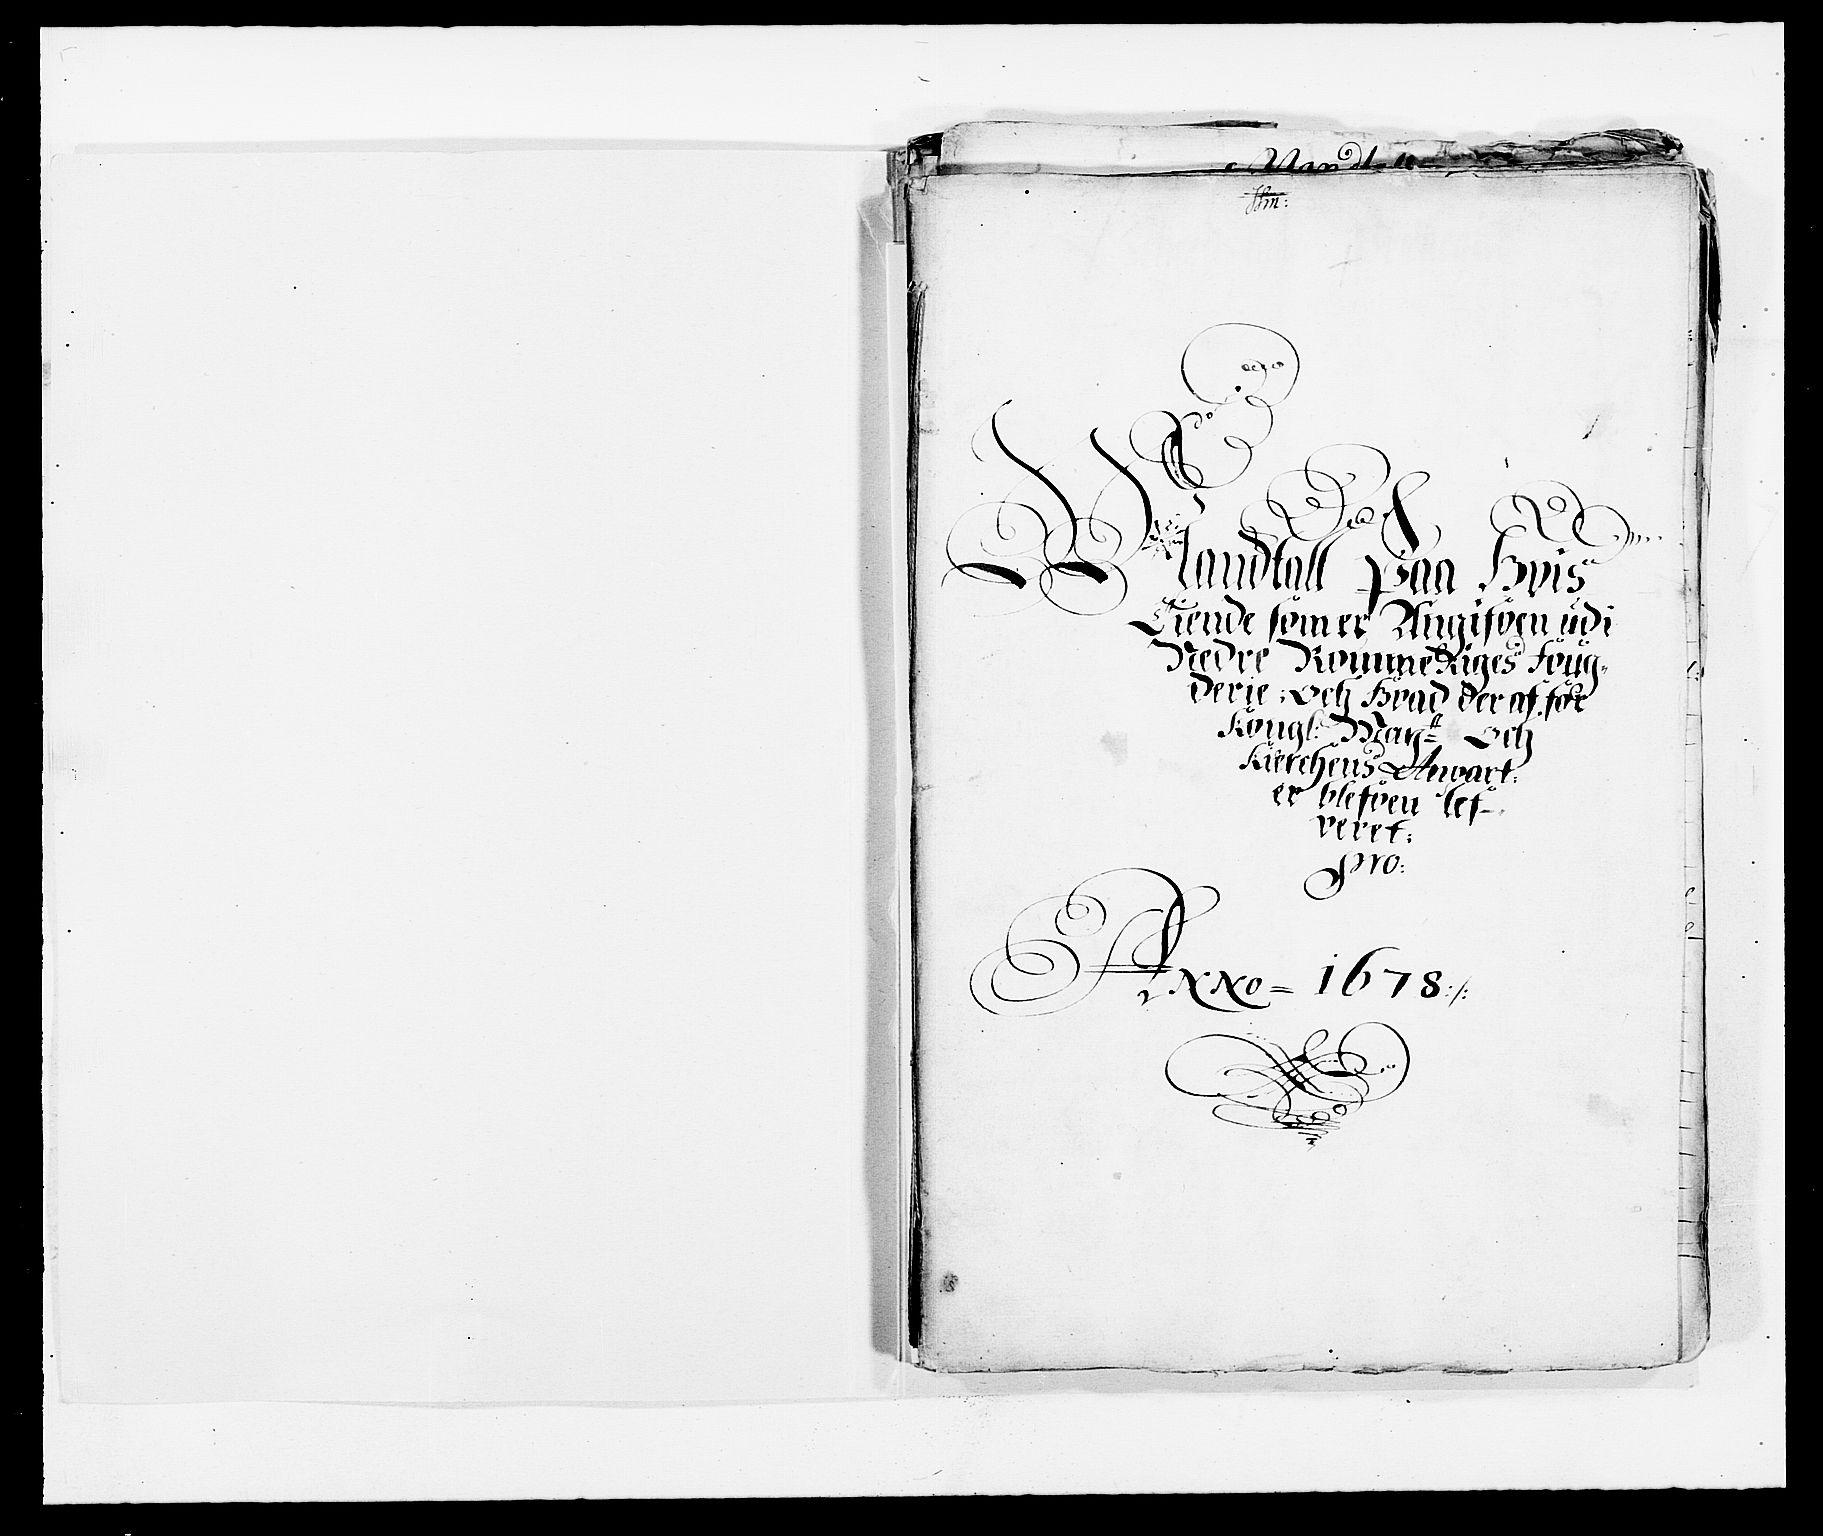 RA, Rentekammeret inntil 1814, Reviderte regnskaper, Fogderegnskap, R11/L0567: Fogderegnskap Nedre Romerike, 1678, s. 224